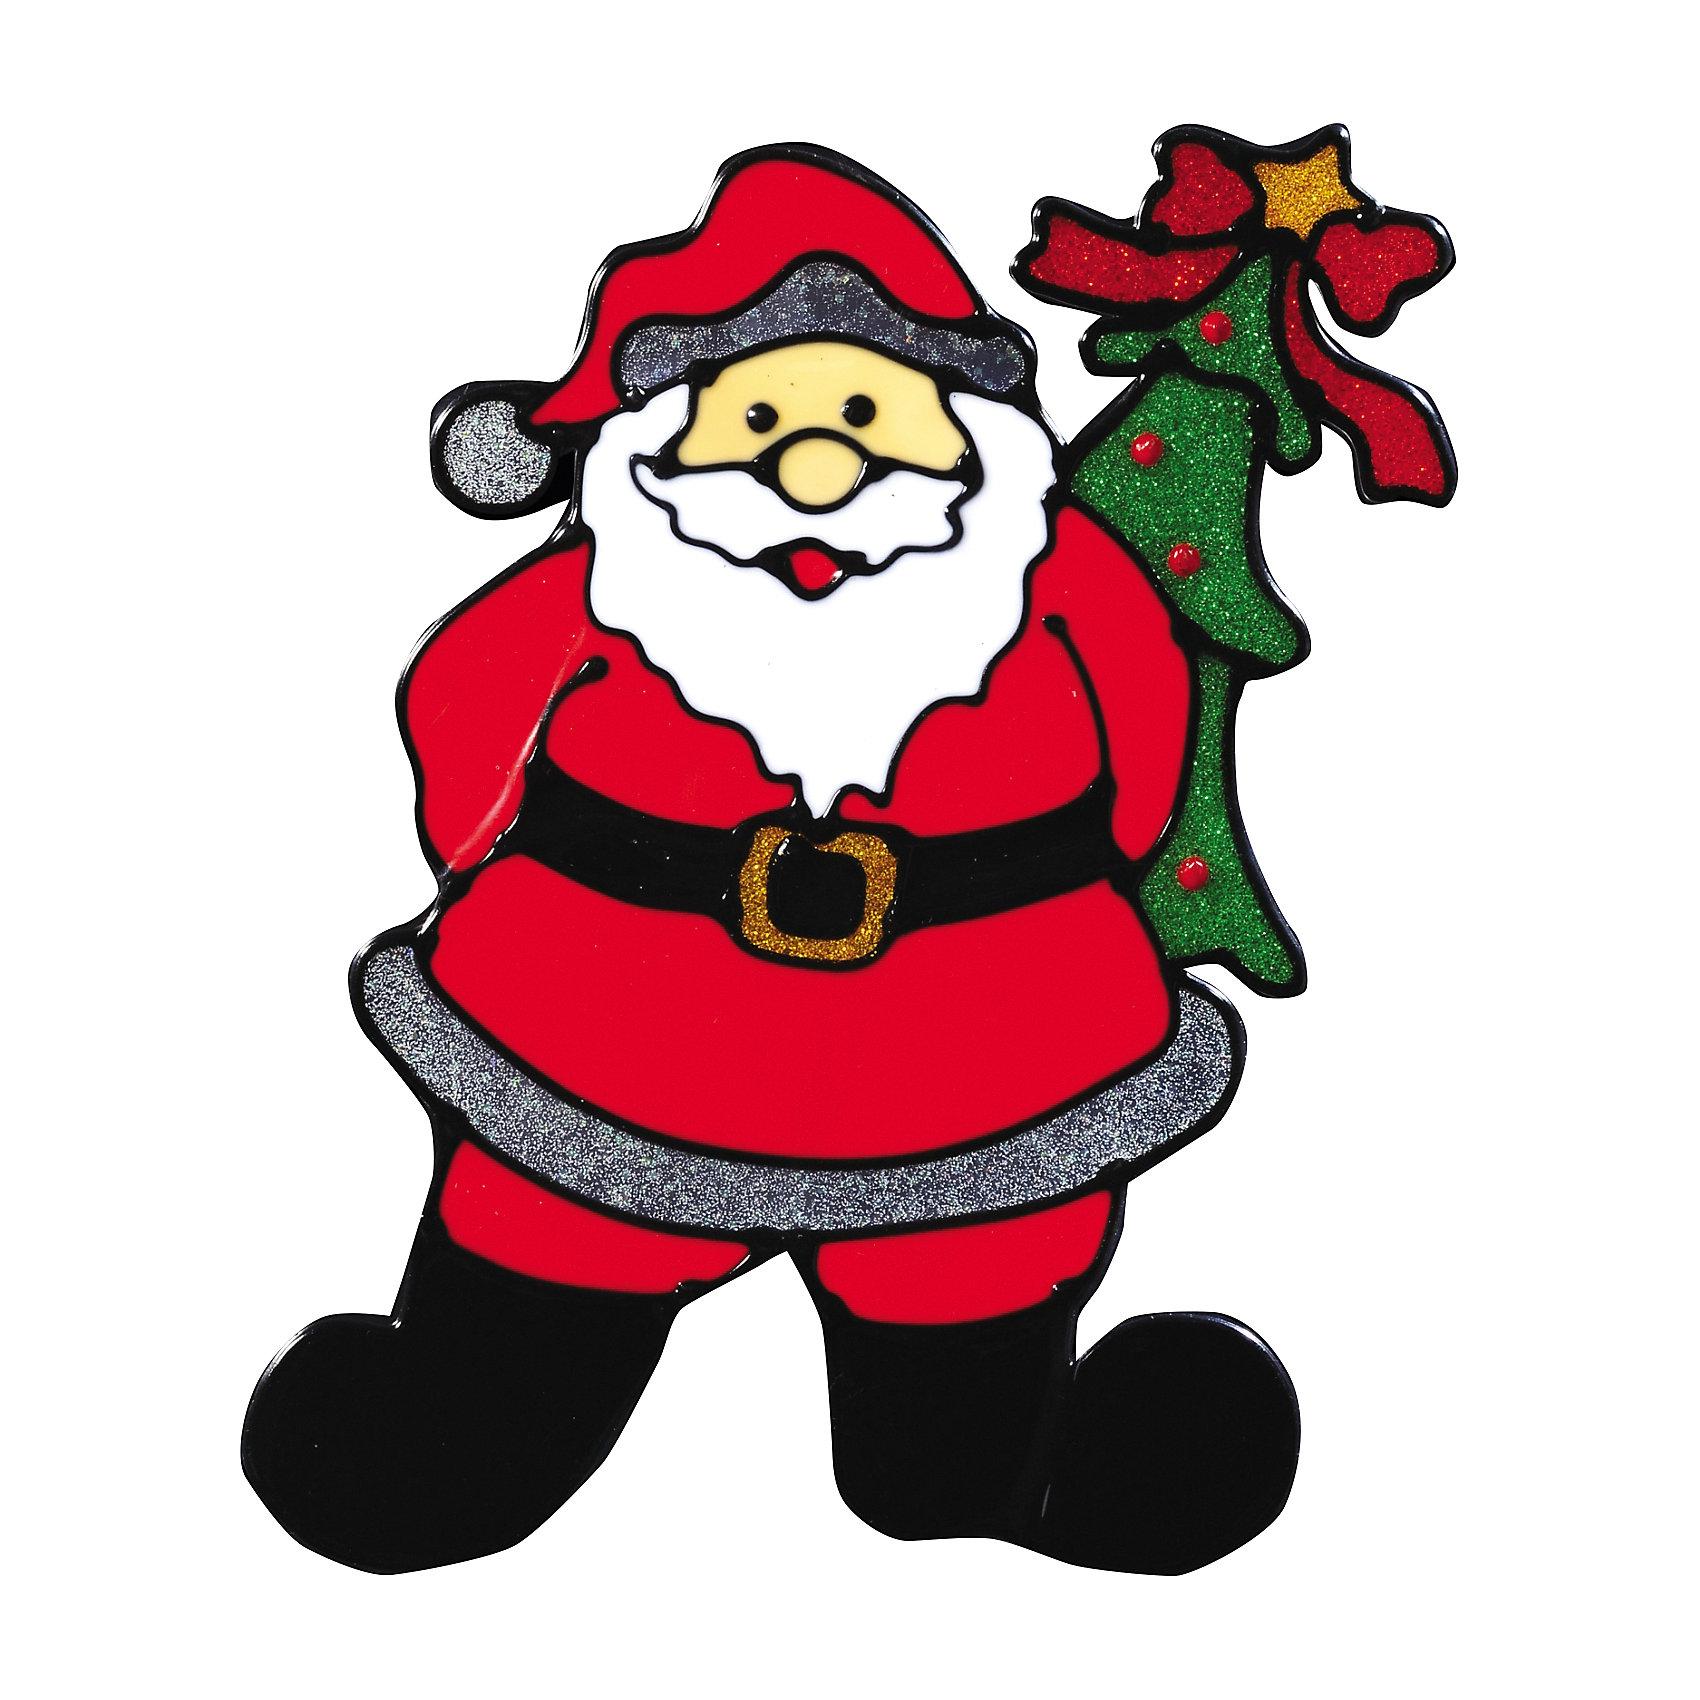 Наклейка на окно Счастливый праздник 16,5*19,5 смНовинки Новый Год<br>Яркая Наклейка на окно Счастливый праздник 16,5*19,5 см изображает озорного Санта Клауса с елочкой за пазухой и поможет вдохнуть атмосферу новогодних праздников в Ваш дом! А с помощью нескольких наклеек на новогоднюю тематику можно составлять на стекле целые зимние картины, которые будут радовать глаз и поднимать настроение! Также Вы можете преподнести этот сувенир в качестве мини-презента коллегам, близким и друзьям с пожеланиями счастливого Нового Года!<br><br>Дополнительная информация:<br>-Материалы: силикон, блестки<br>-Размер в упаковке: 16,5х0,5х19,5 см<br>-Вес в упаковке: 31 г<br>-Размер: 16,5х19,5 см<br><br>Наклейка на окно Счастливый праздник 16,5*19,5 см можно купить в нашем магазине.<br><br>Ширина мм: 165<br>Глубина мм: 5<br>Высота мм: 195<br>Вес г: 31<br>Возраст от месяцев: 84<br>Возраст до месяцев: 2147483647<br>Пол: Унисекс<br>Возраст: Детский<br>SKU: 4286719